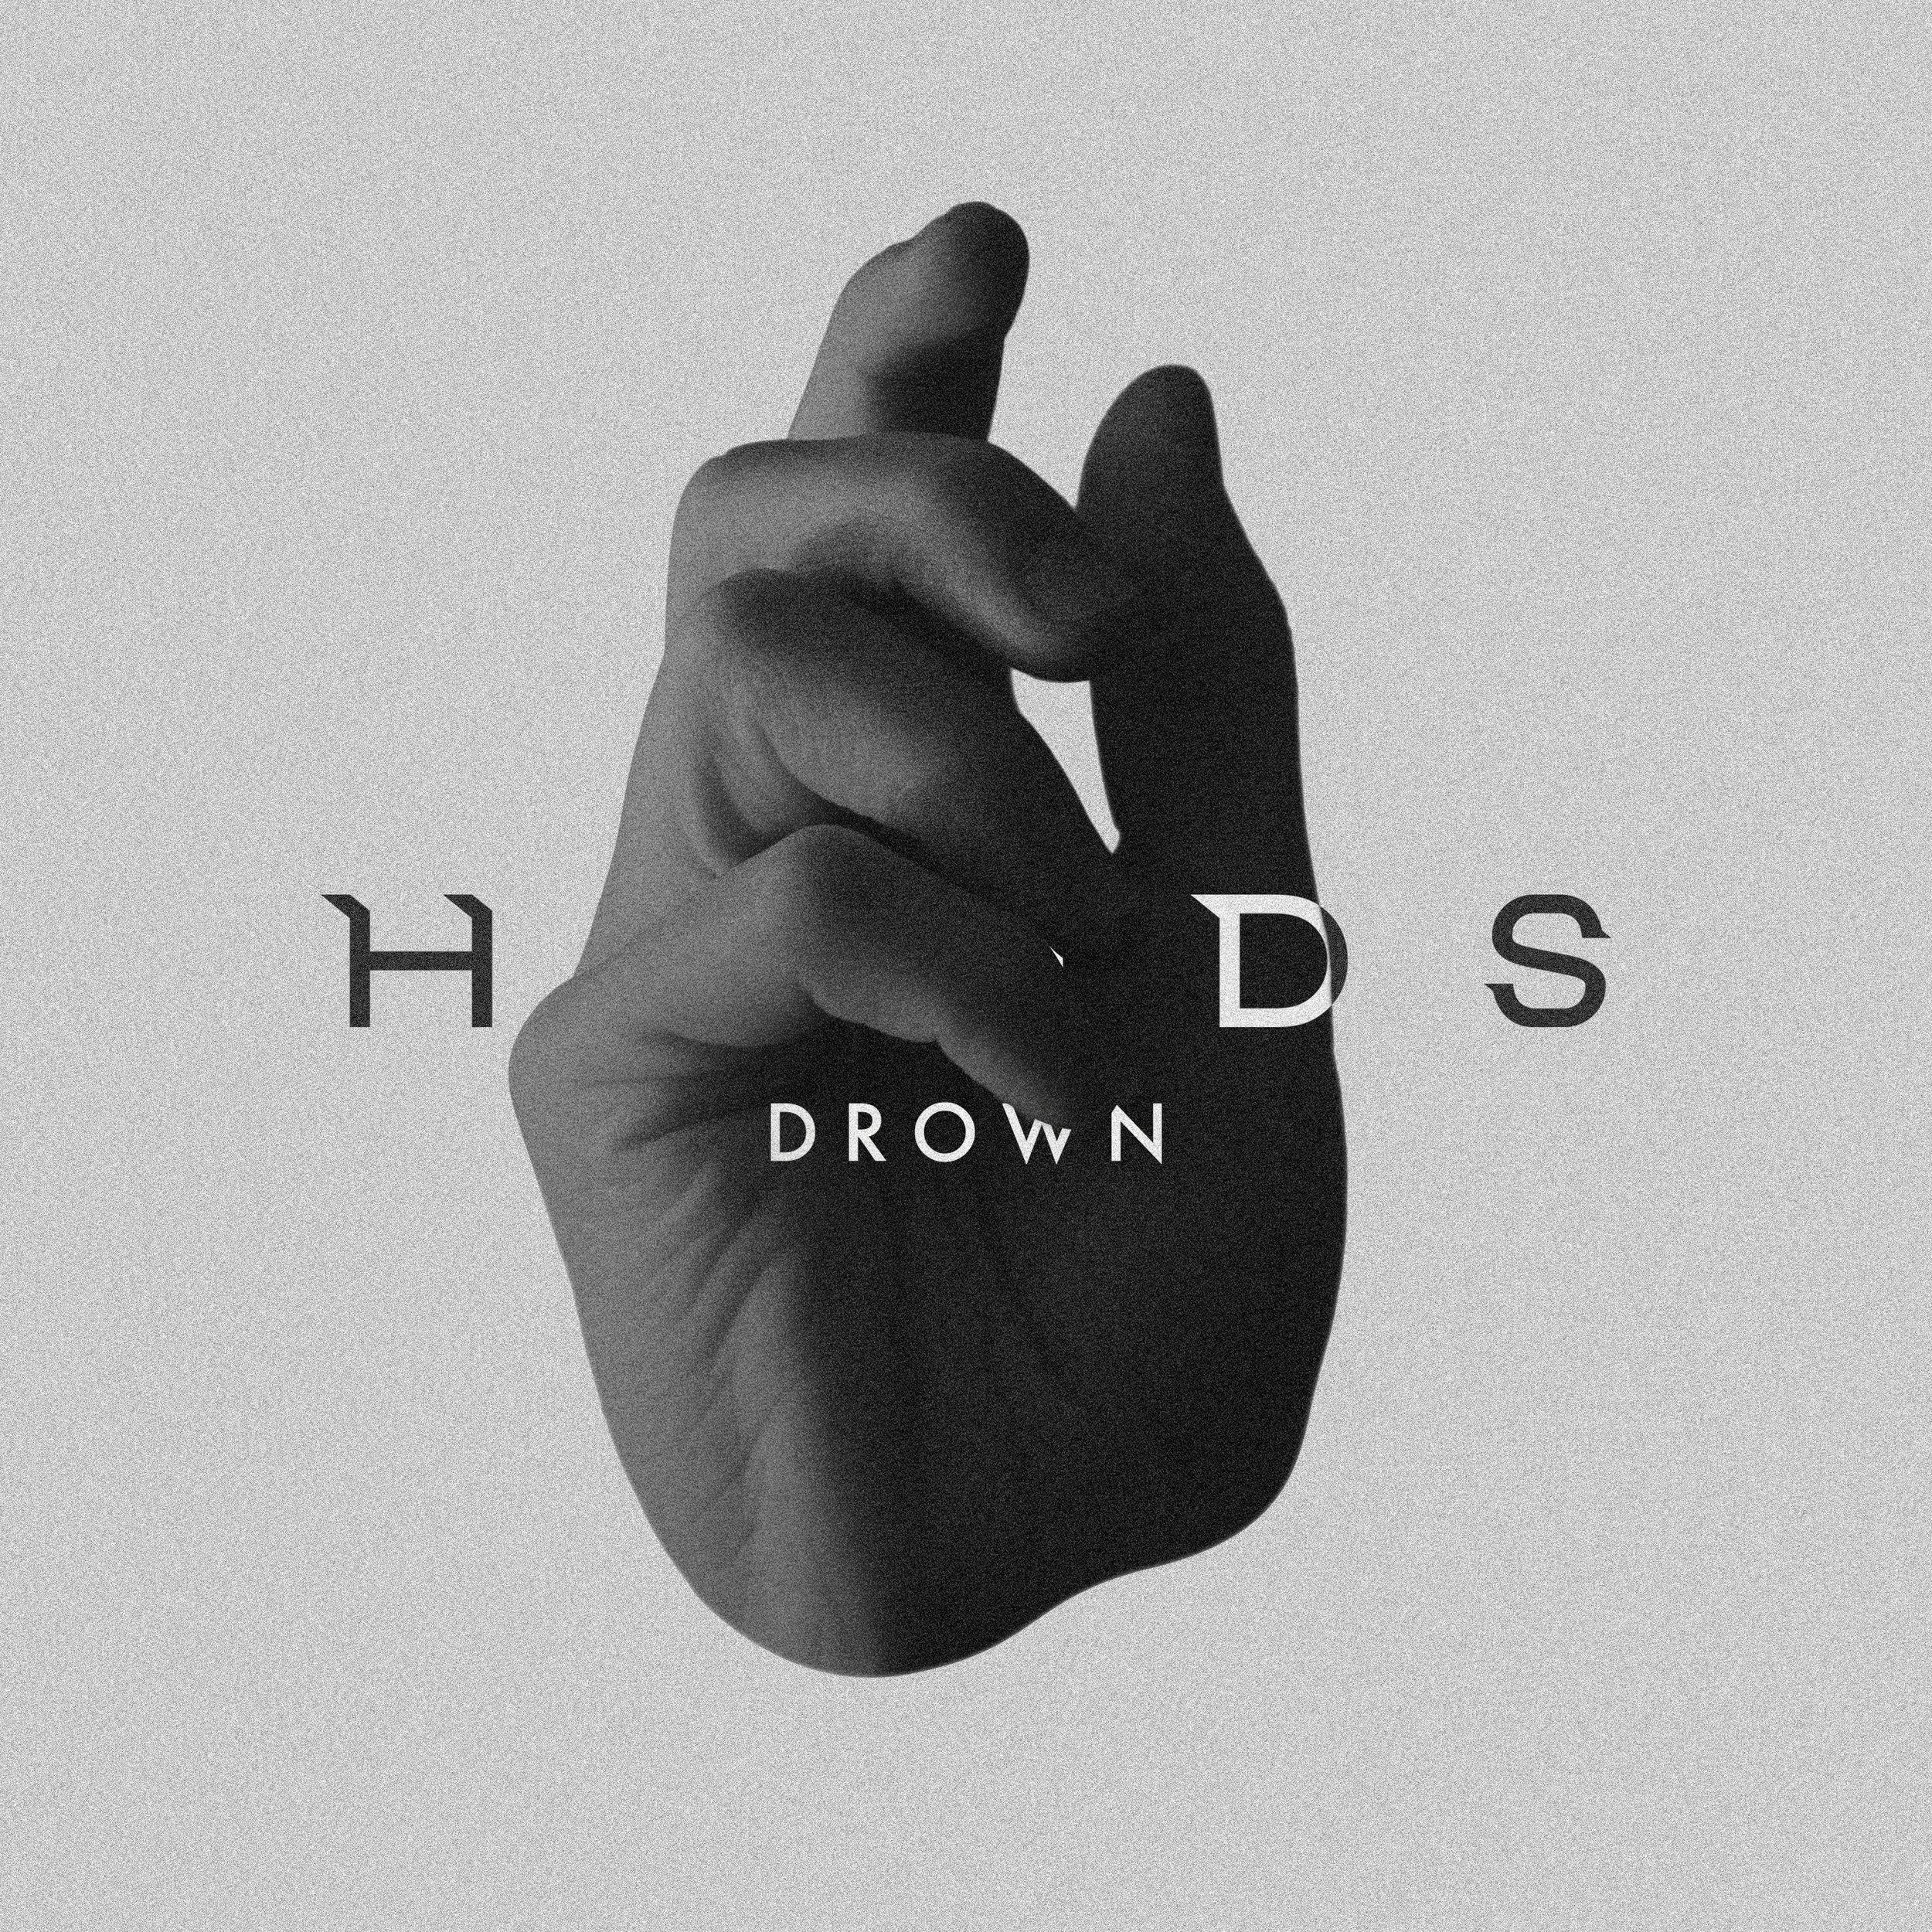 Artwork voor 'Drown', een single van HANDS.